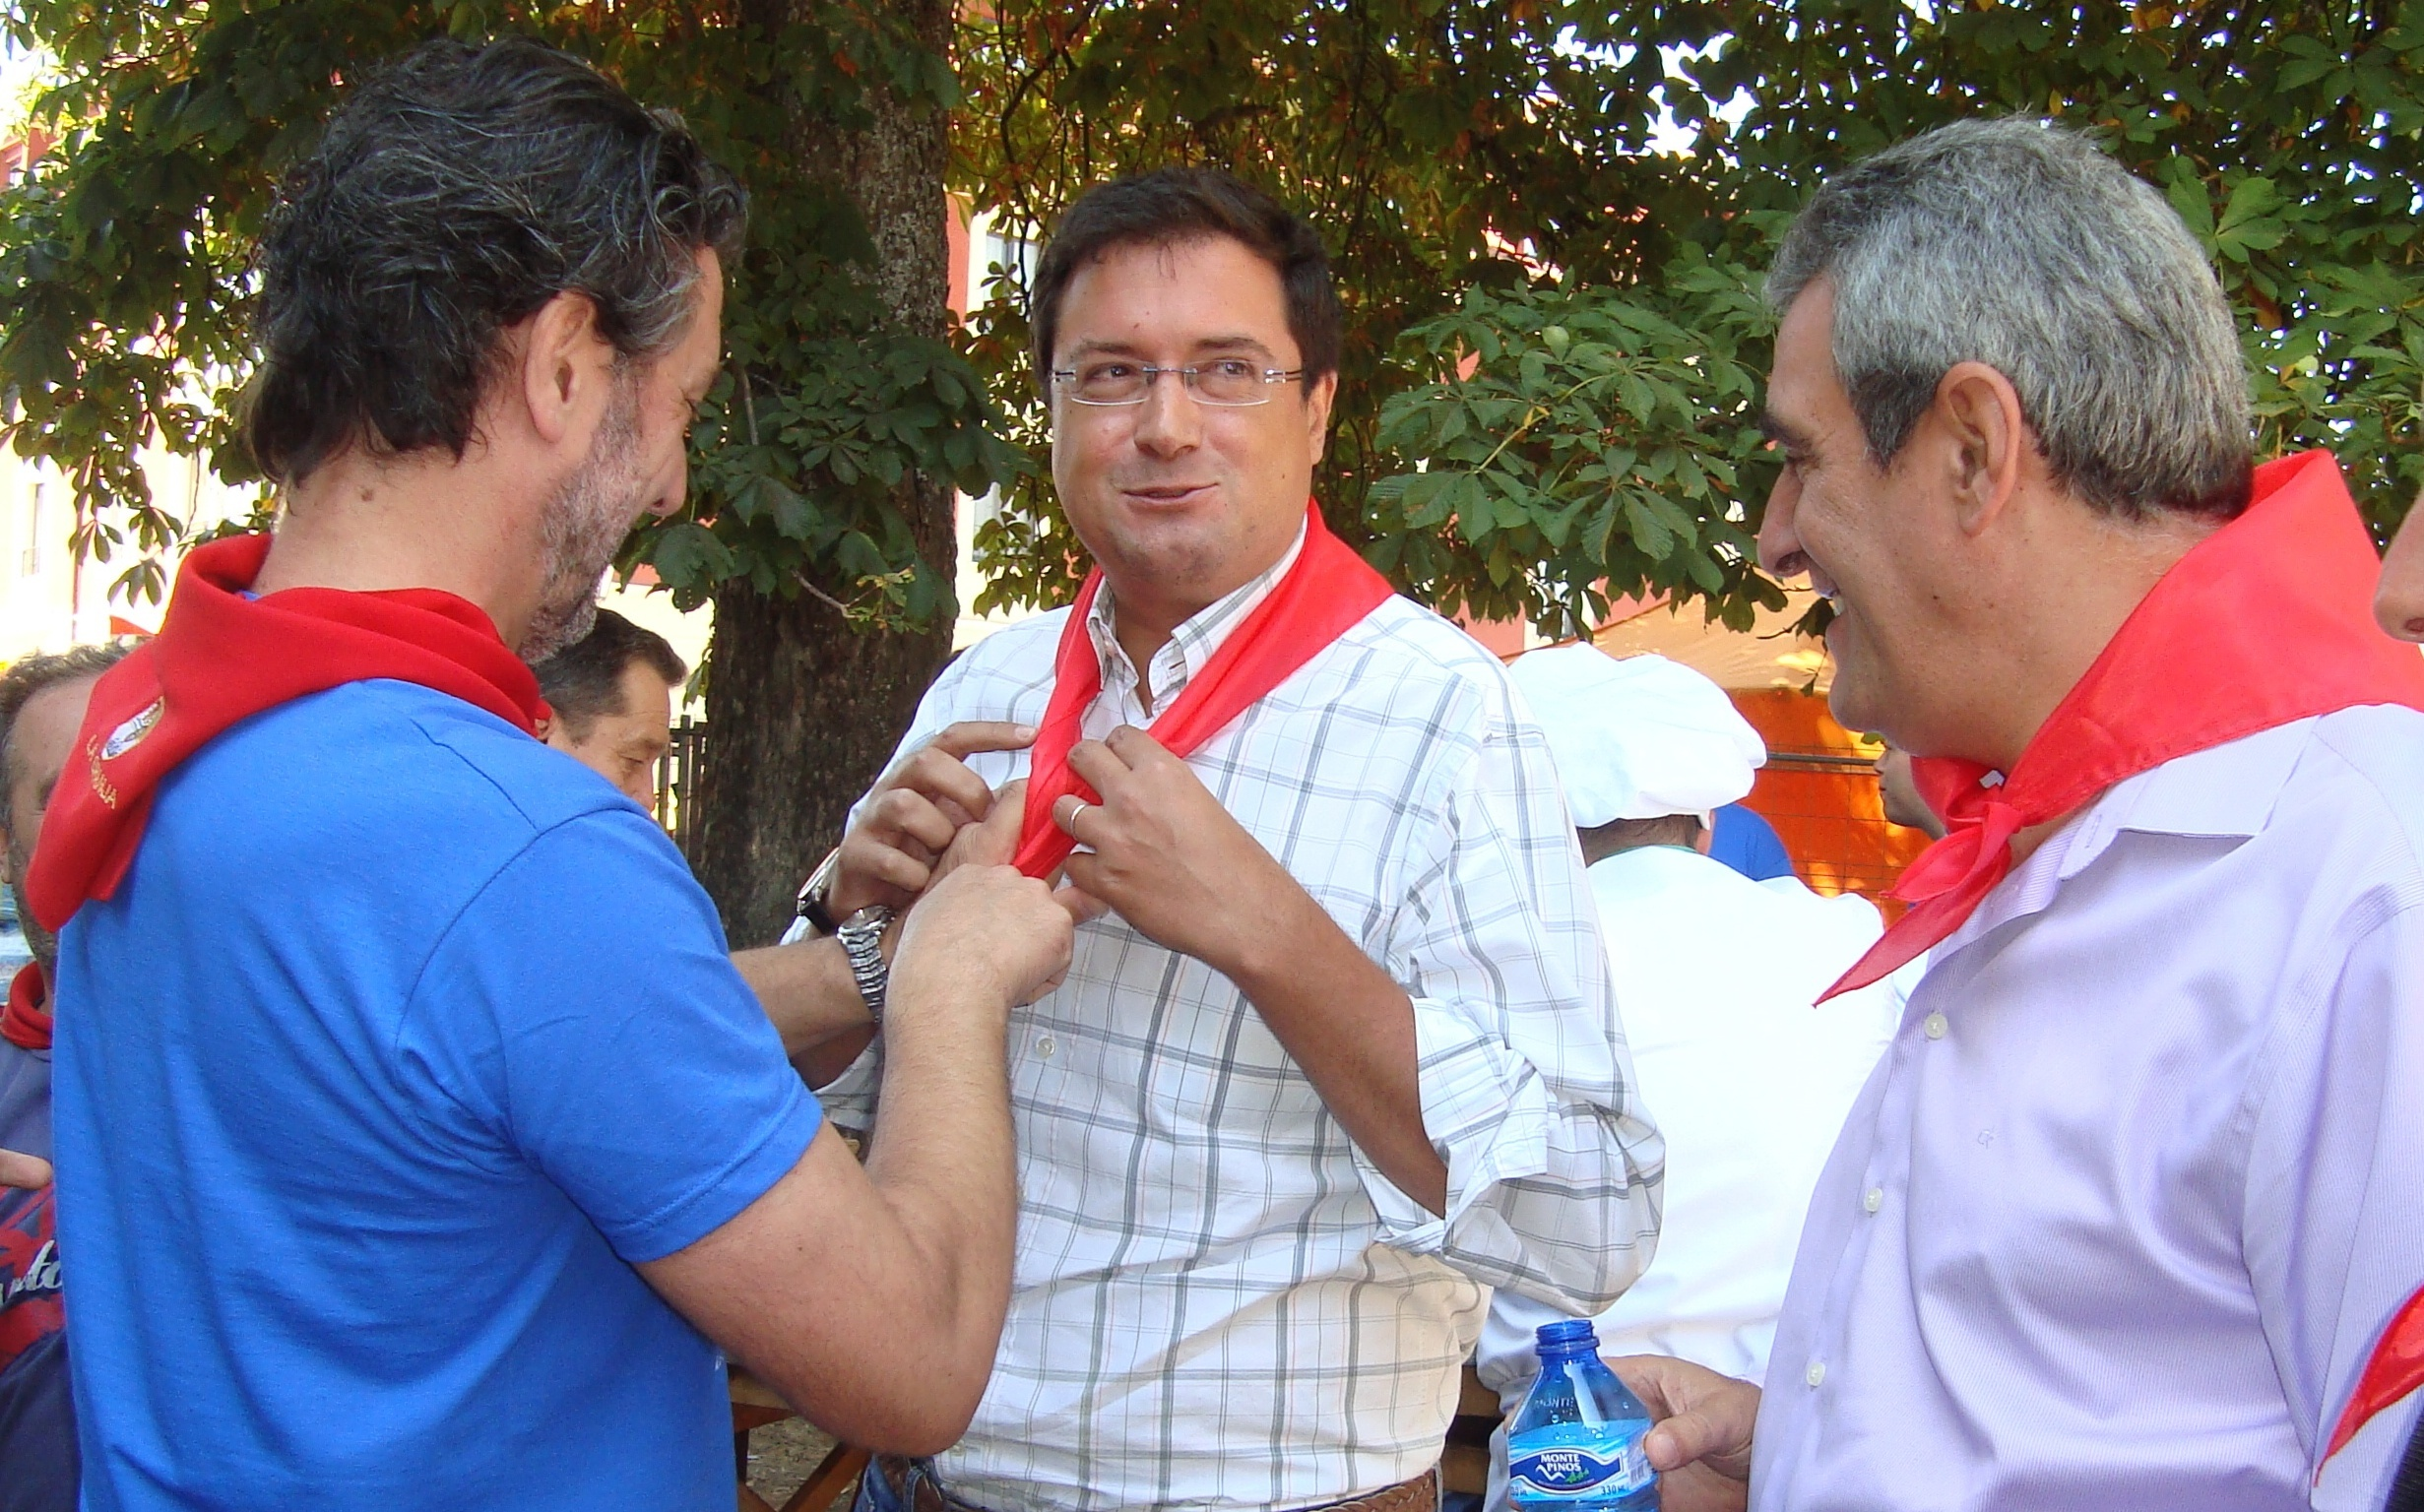 El PSOE acusa a Rajoy de dedicarse a «pasear en silencio» y le avisa de que ya «no podrá esconder la cabeza»